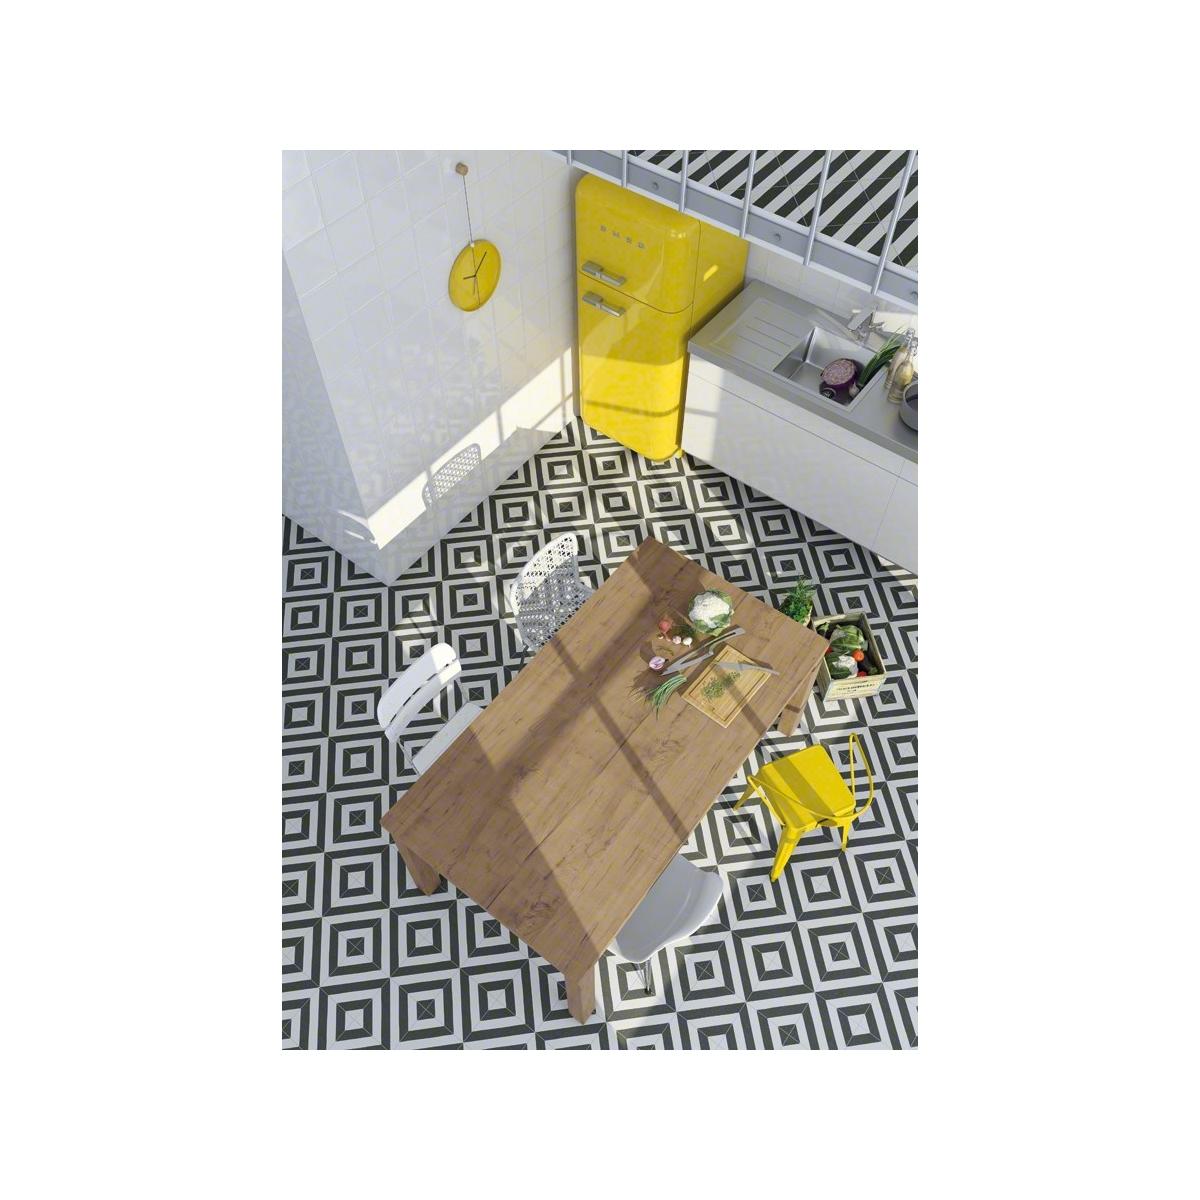 Serie Maori Vives Goroka Grafito (m2) - Pavimento hidráulico Porcelánico para interior y exterior al mejor precio